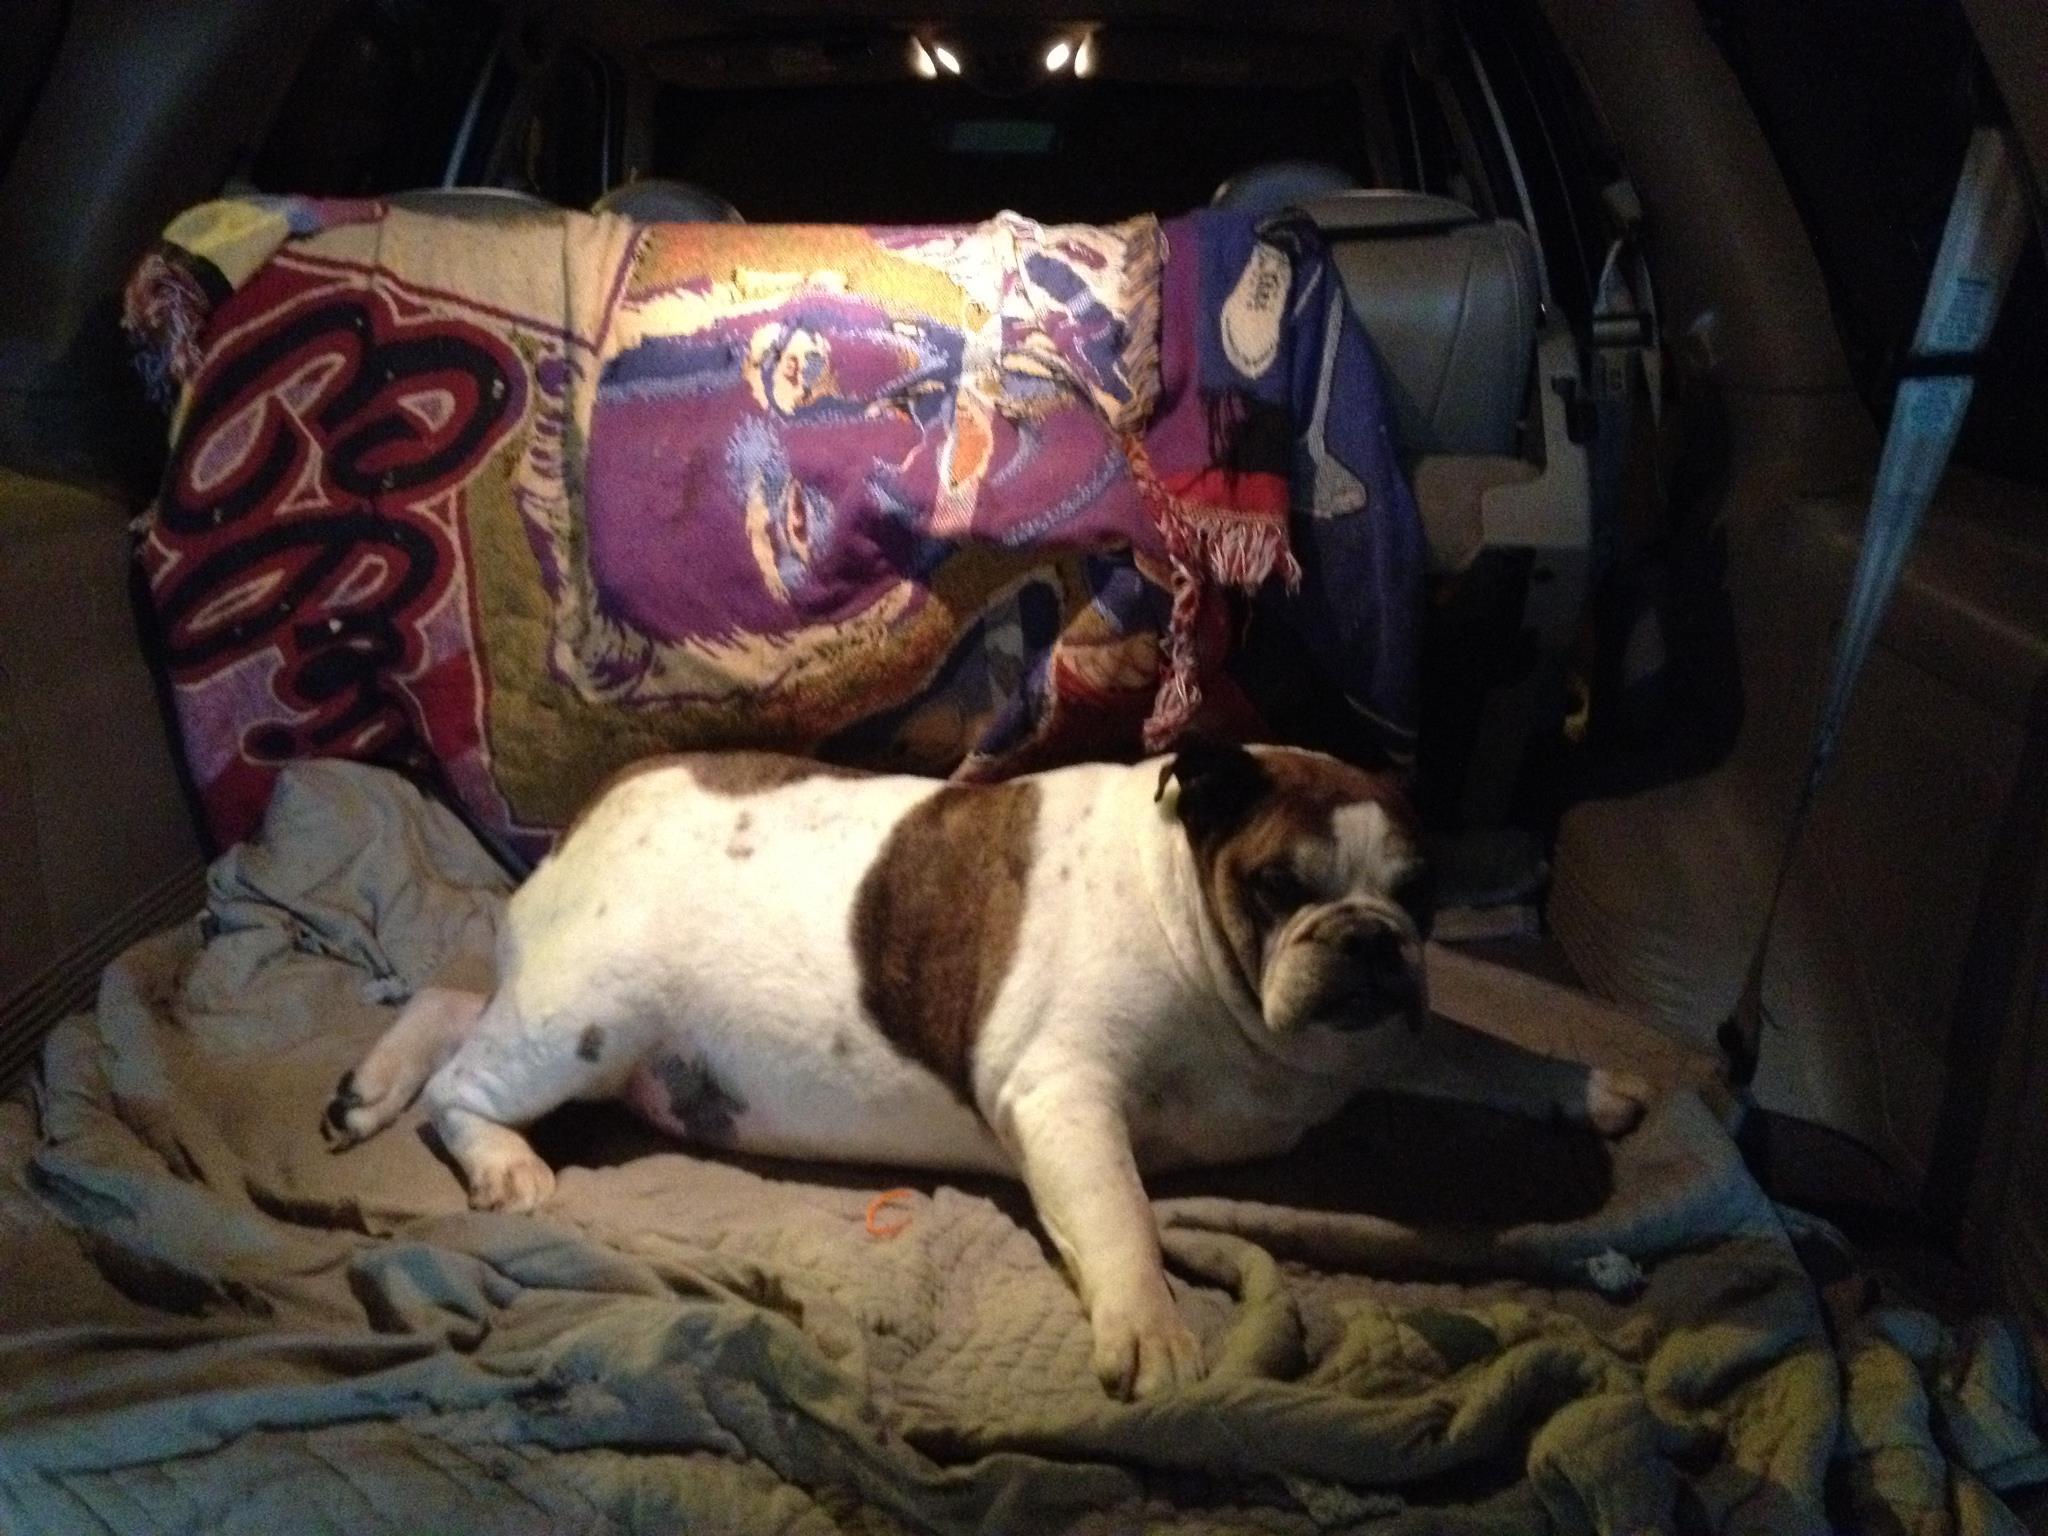 на фото пес Донни Томпсона по прозвищу Elvis blanket